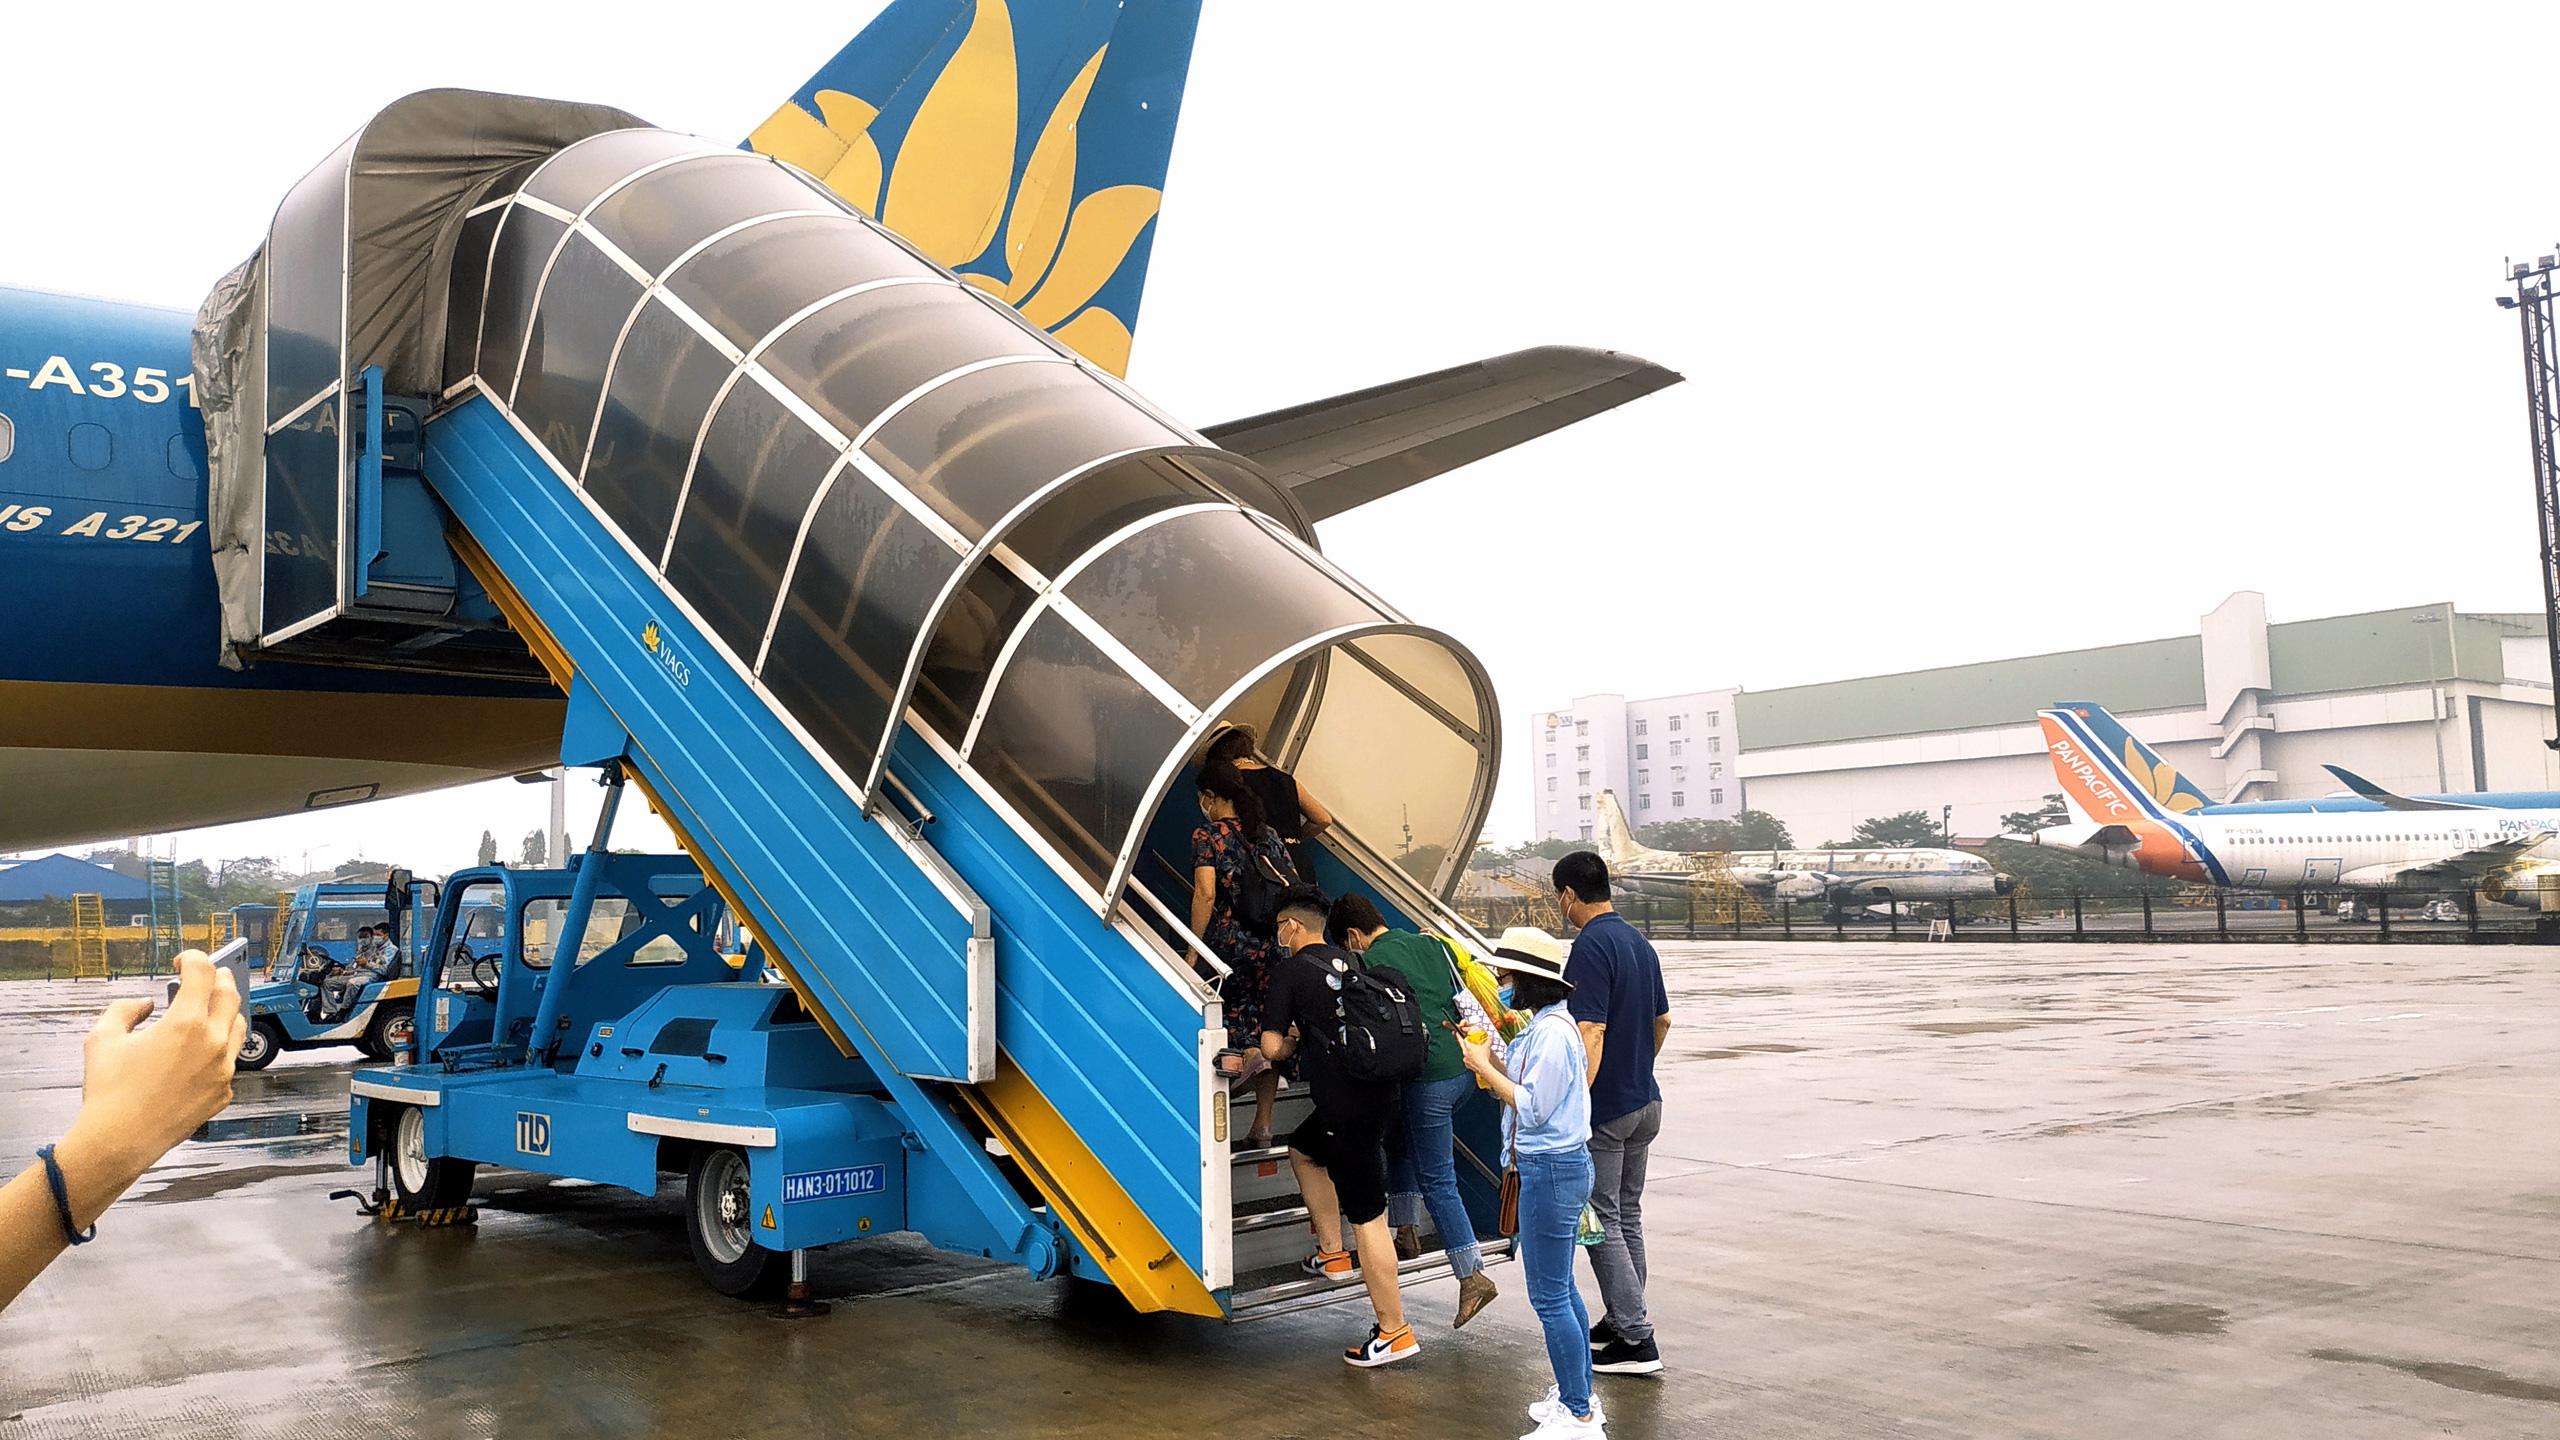 Vietnam Airlines nợ quá hạn hơn 6.600 tỷ, đợi tiền vay ưu đãi để trả - Ảnh 2.